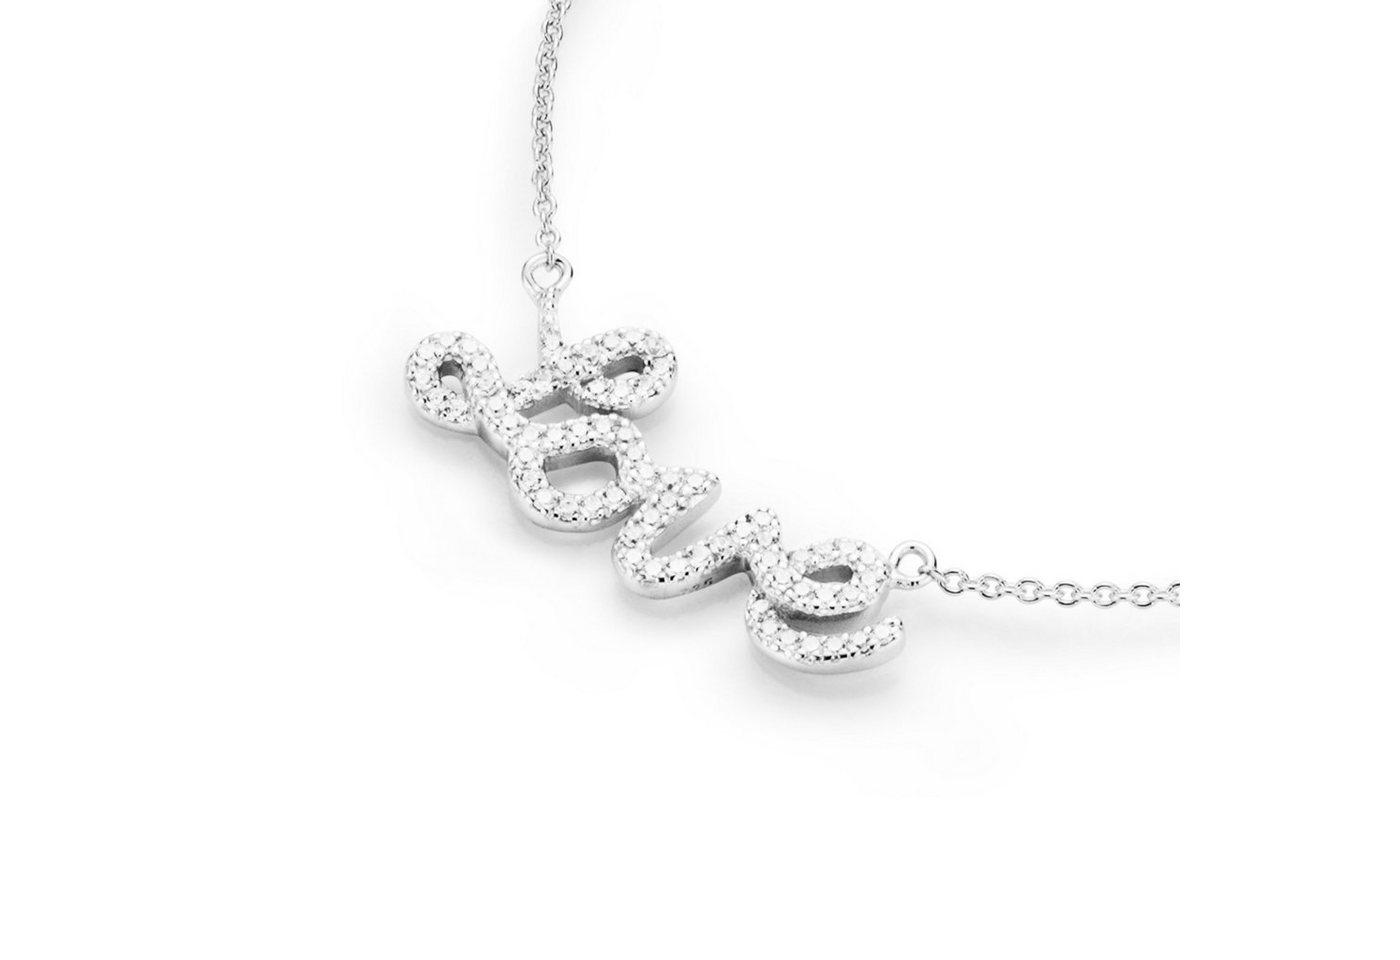 Smart Jewel Statementkette »Love - Schriftzug mit Zirkonia Steinen« | Schmuck > Halsketten > Statementketten | Weiß | Smart Jewel